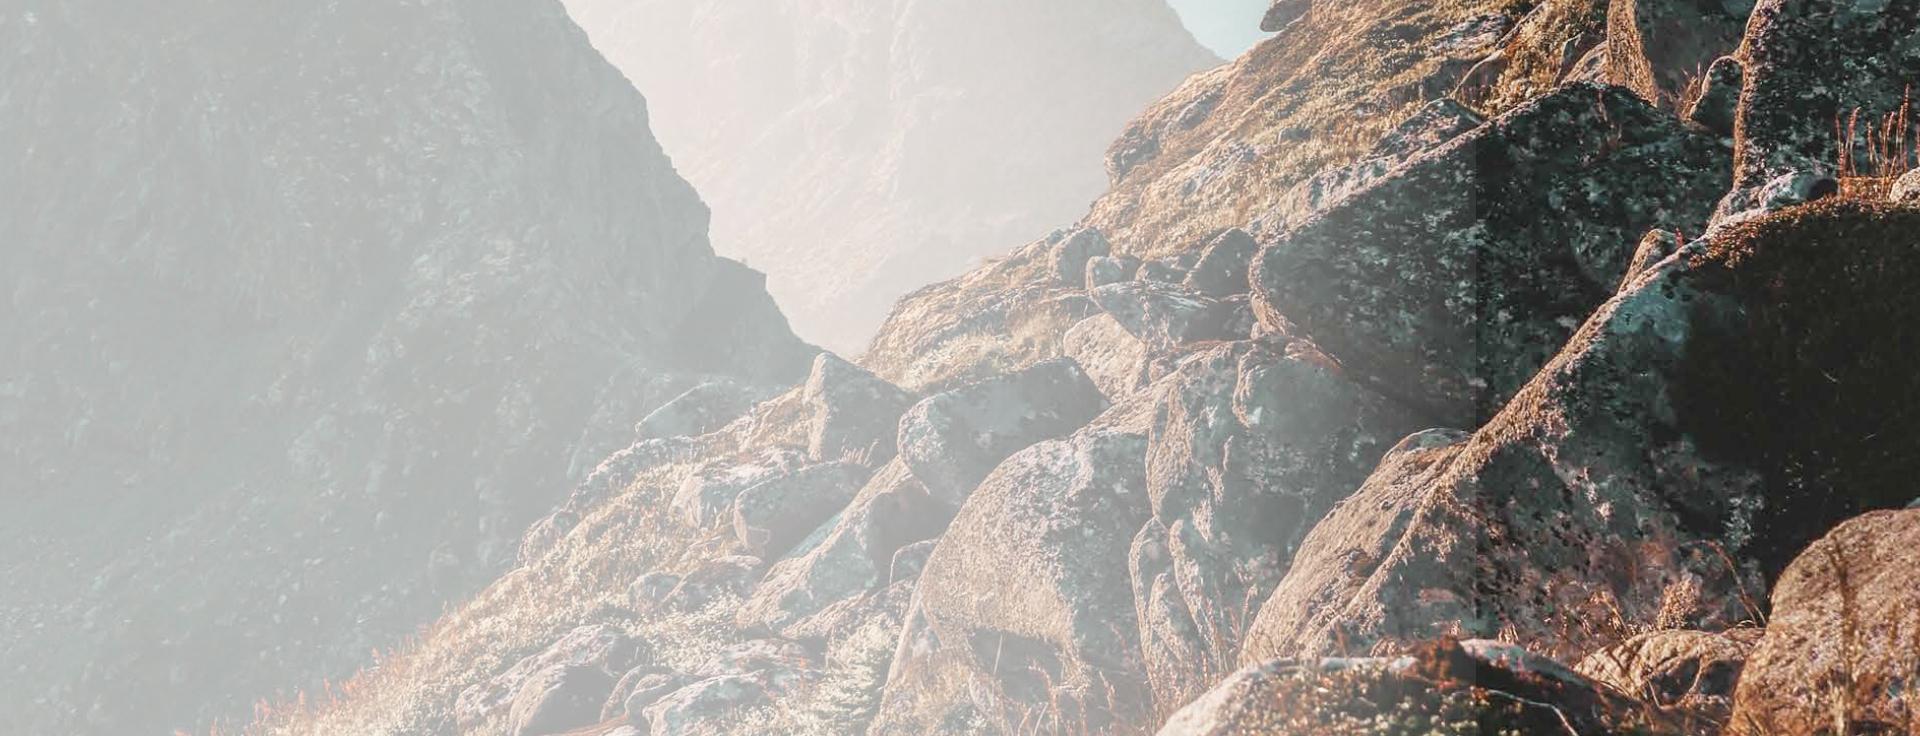 banner-1_img